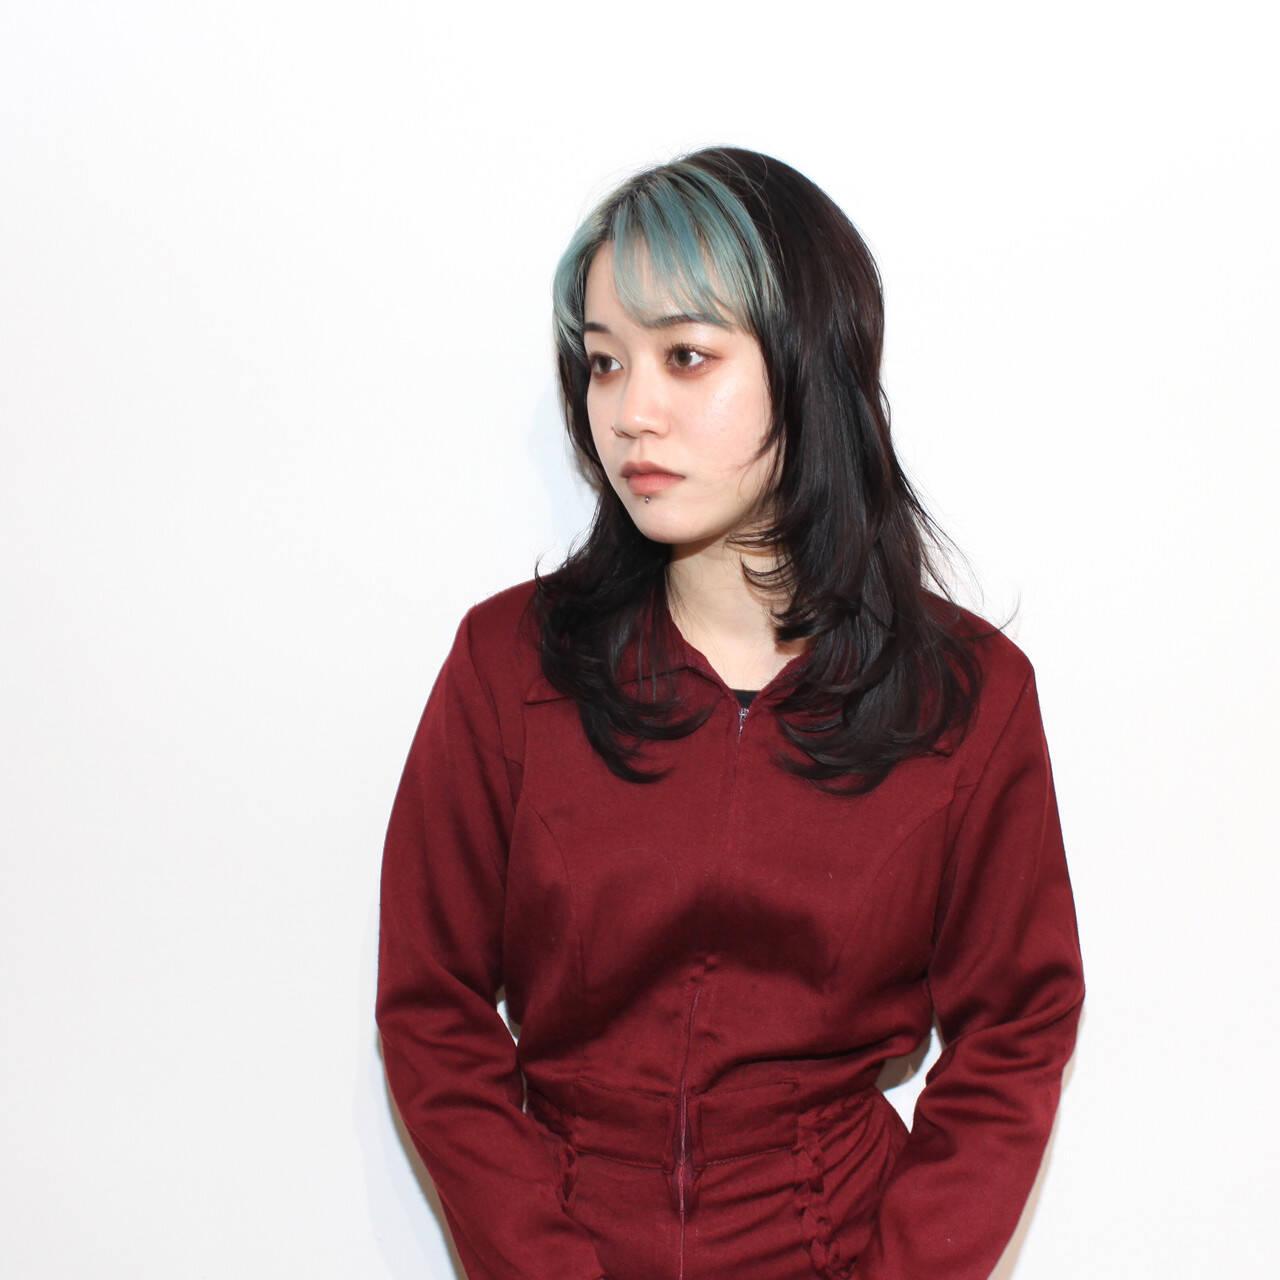 セミロング ハイライト マッシュウルフ ブリーチヘアスタイルや髪型の写真・画像